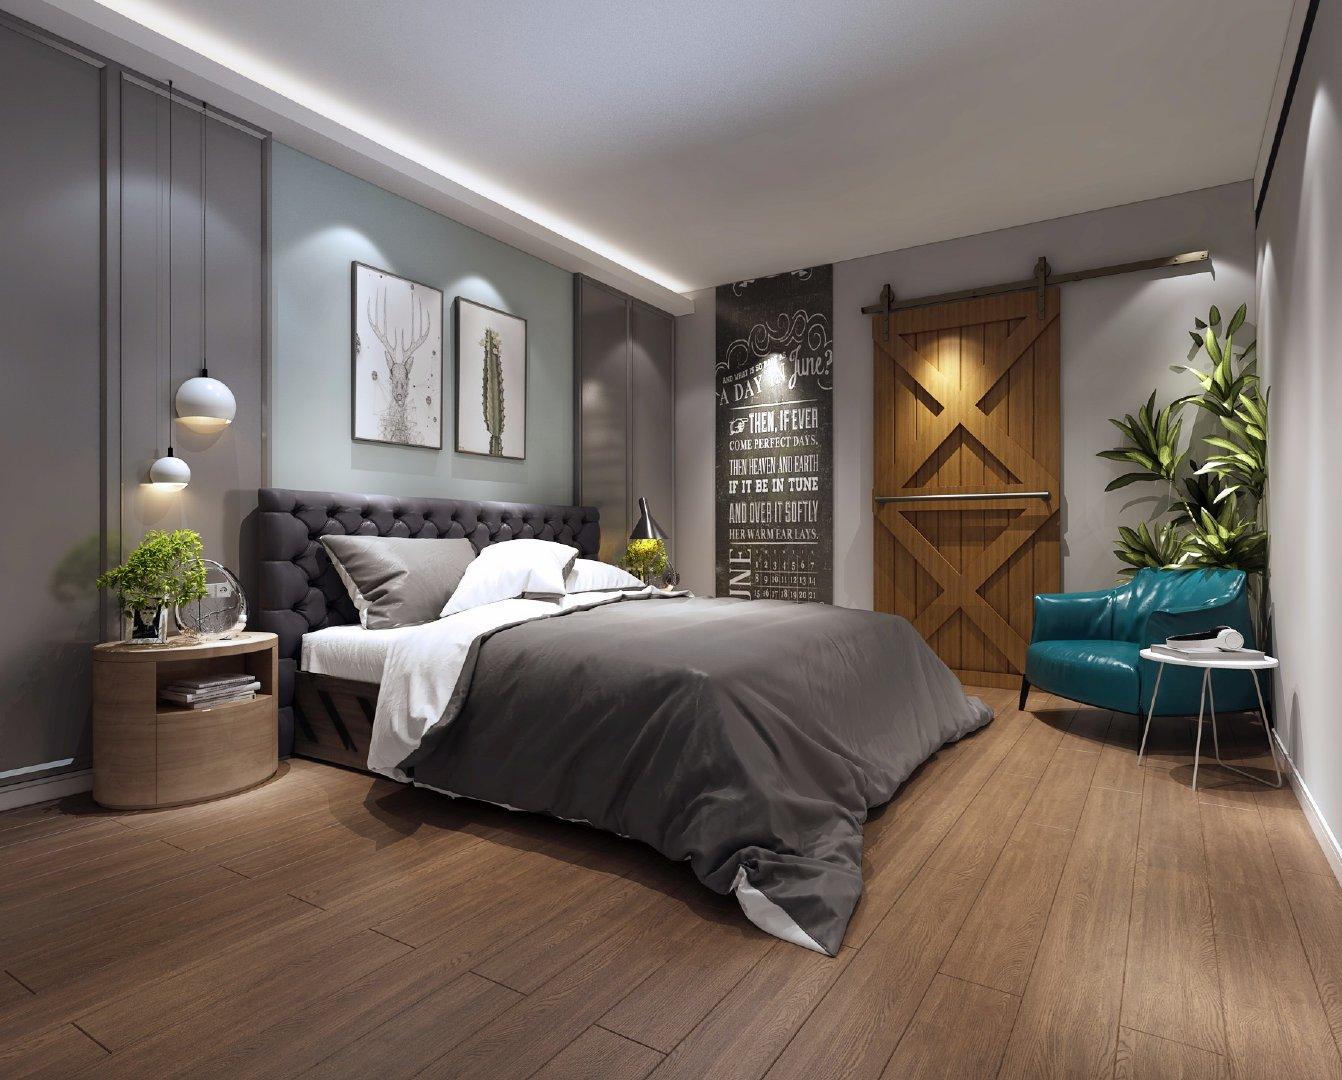 家具维修美容技术培训的主要课程-家具美容网